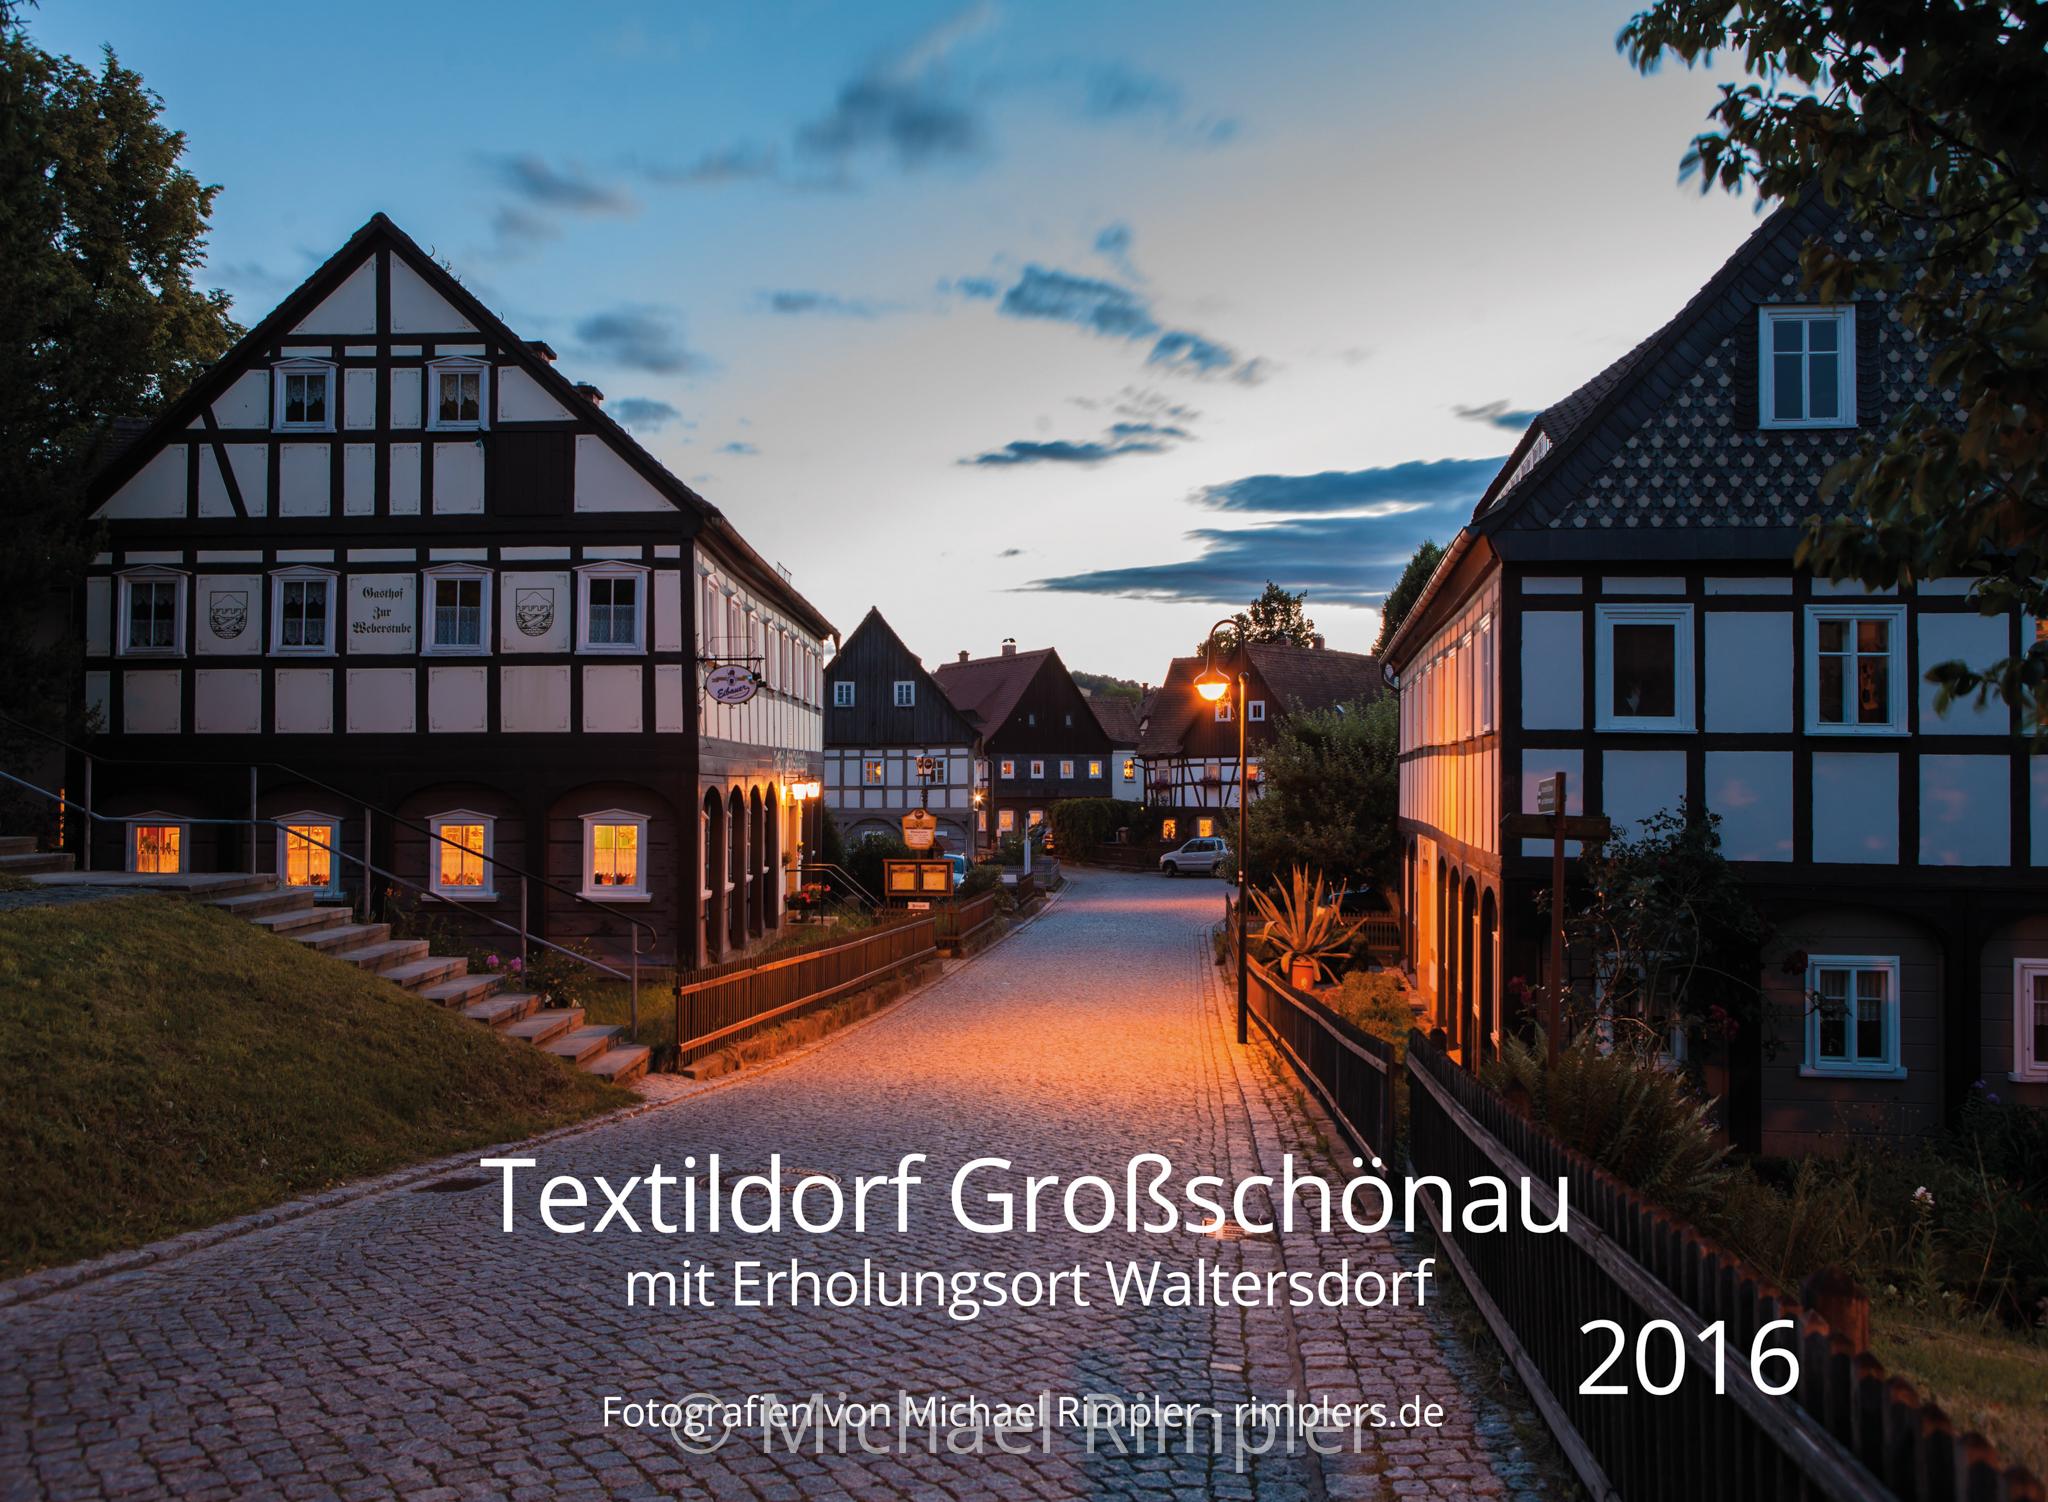 kalender 2016, großschönau, textildorf, kirchberg, umgebindehäuser, blaue stunde, naturpark, zittauergebirge, oberlausitz, fotos, bilder